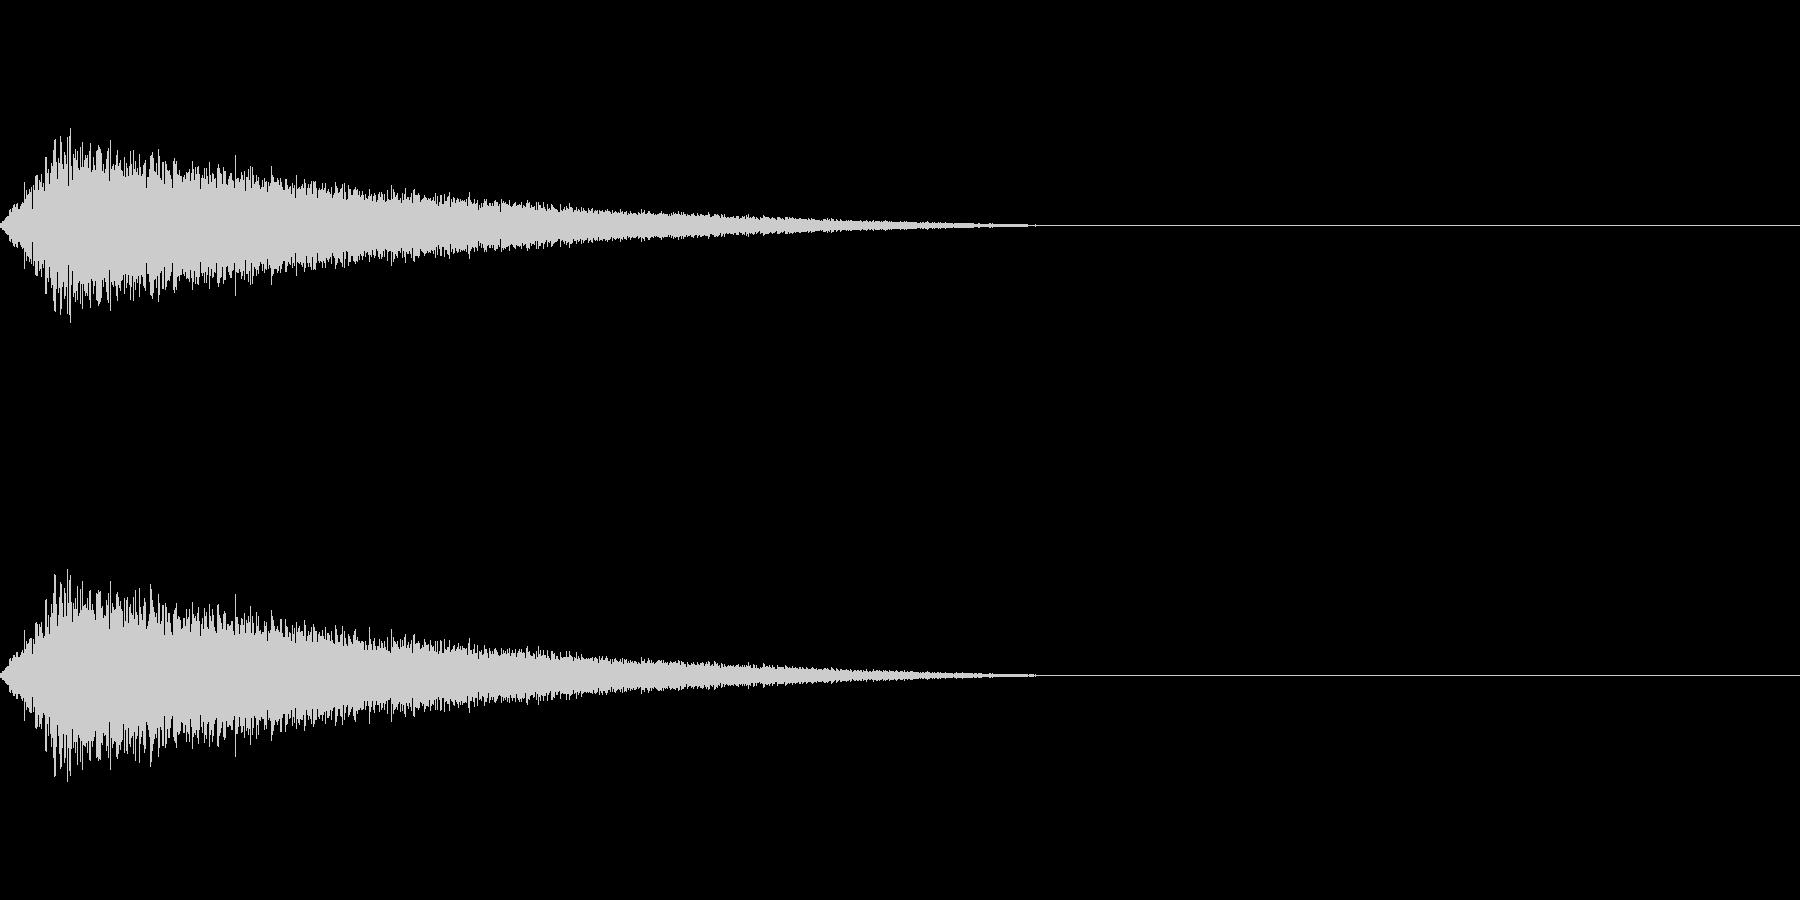 ロケットが飛び出すような音の未再生の波形